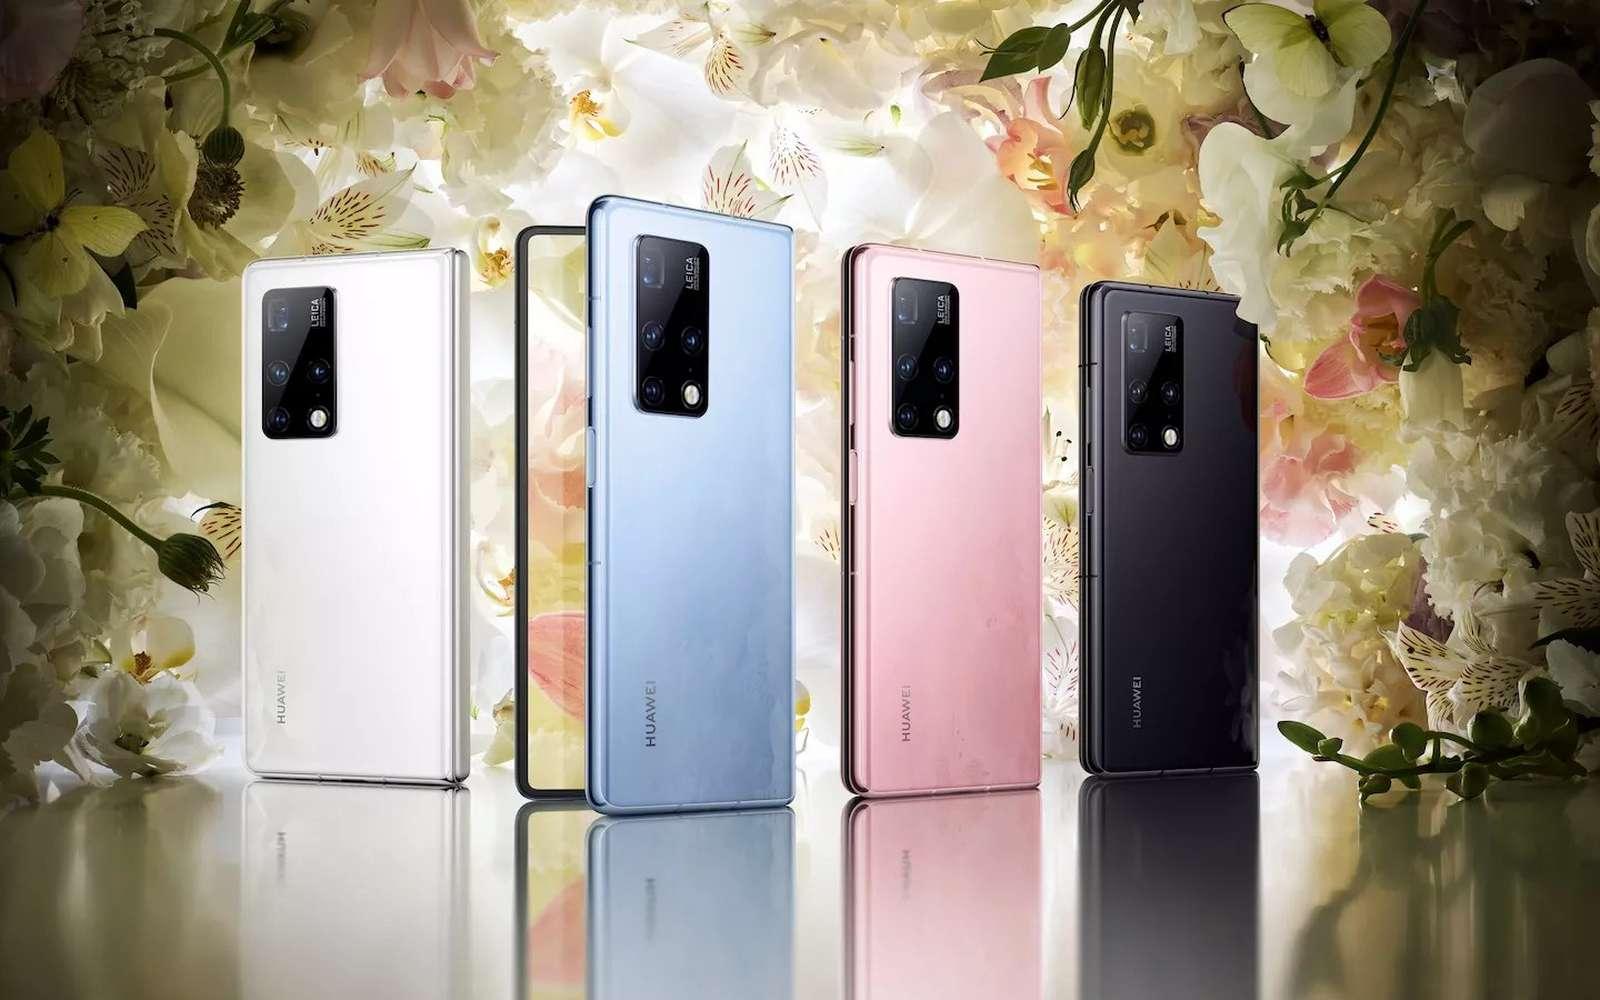 Huawei revoit sa copie avec un écran pliable qui s'ouvre comme un livre. © Huawei